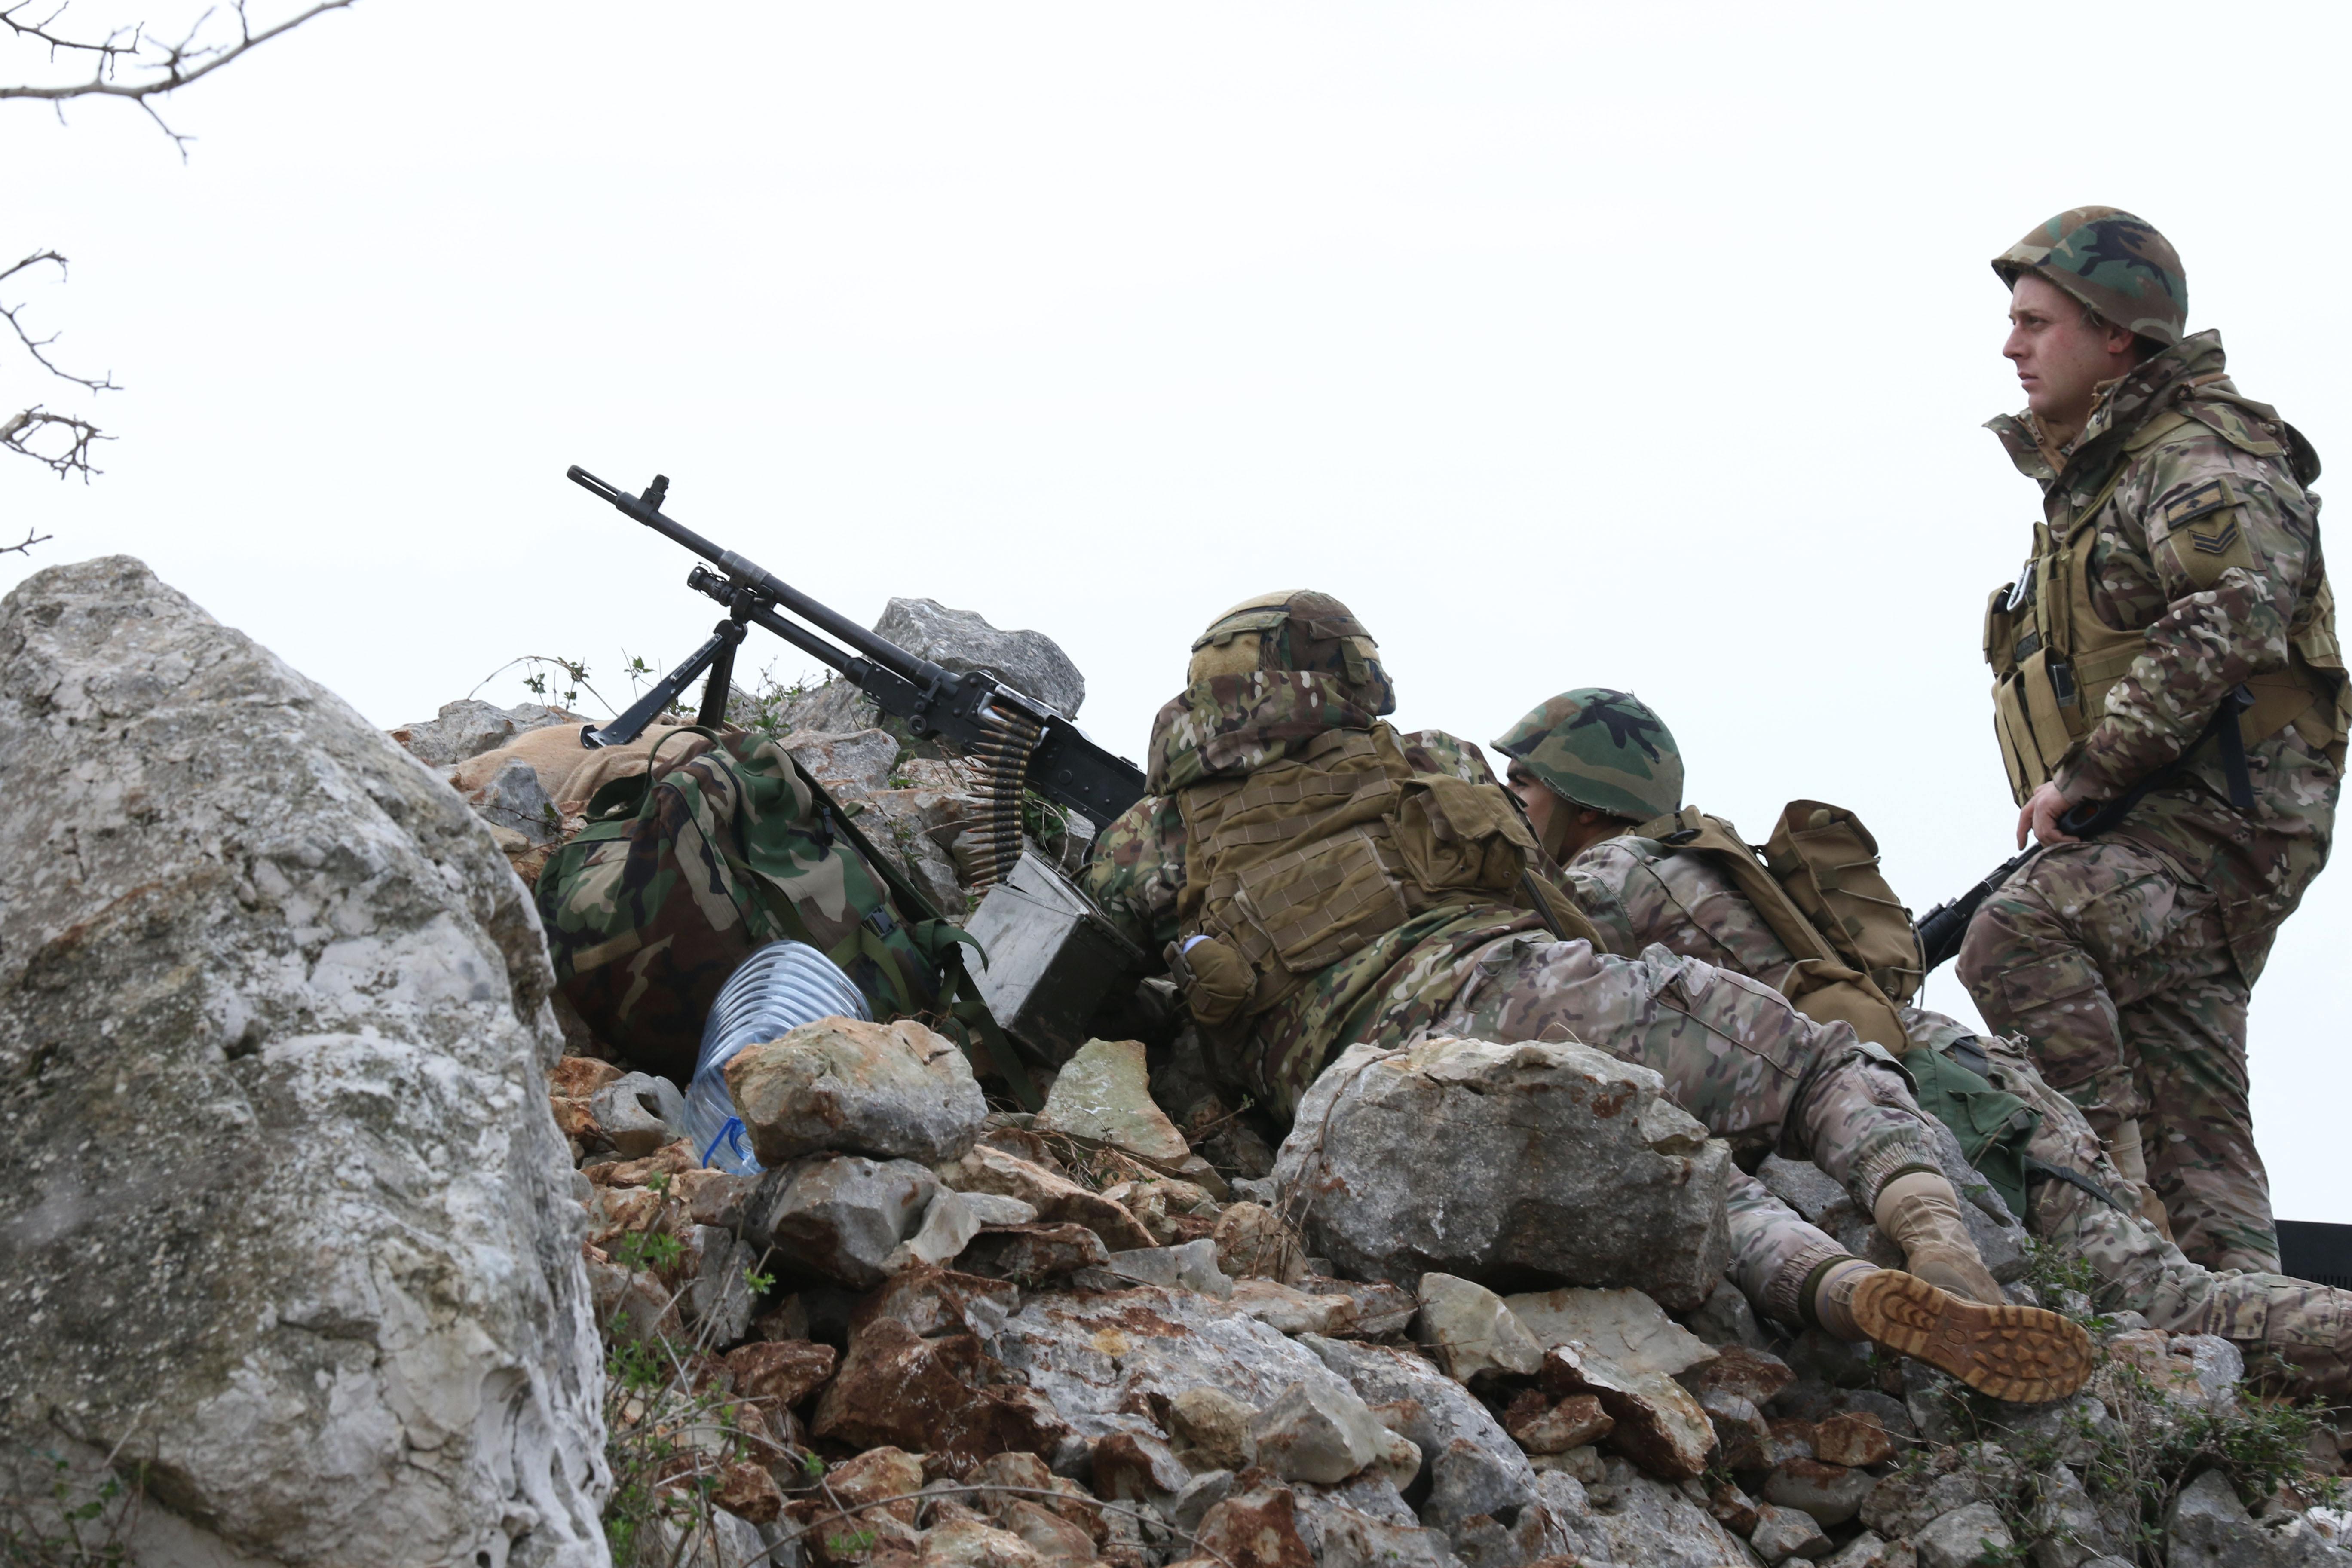 Irán bármikor kész katonai segítséget nyújtani Libanonnak, ha kérik